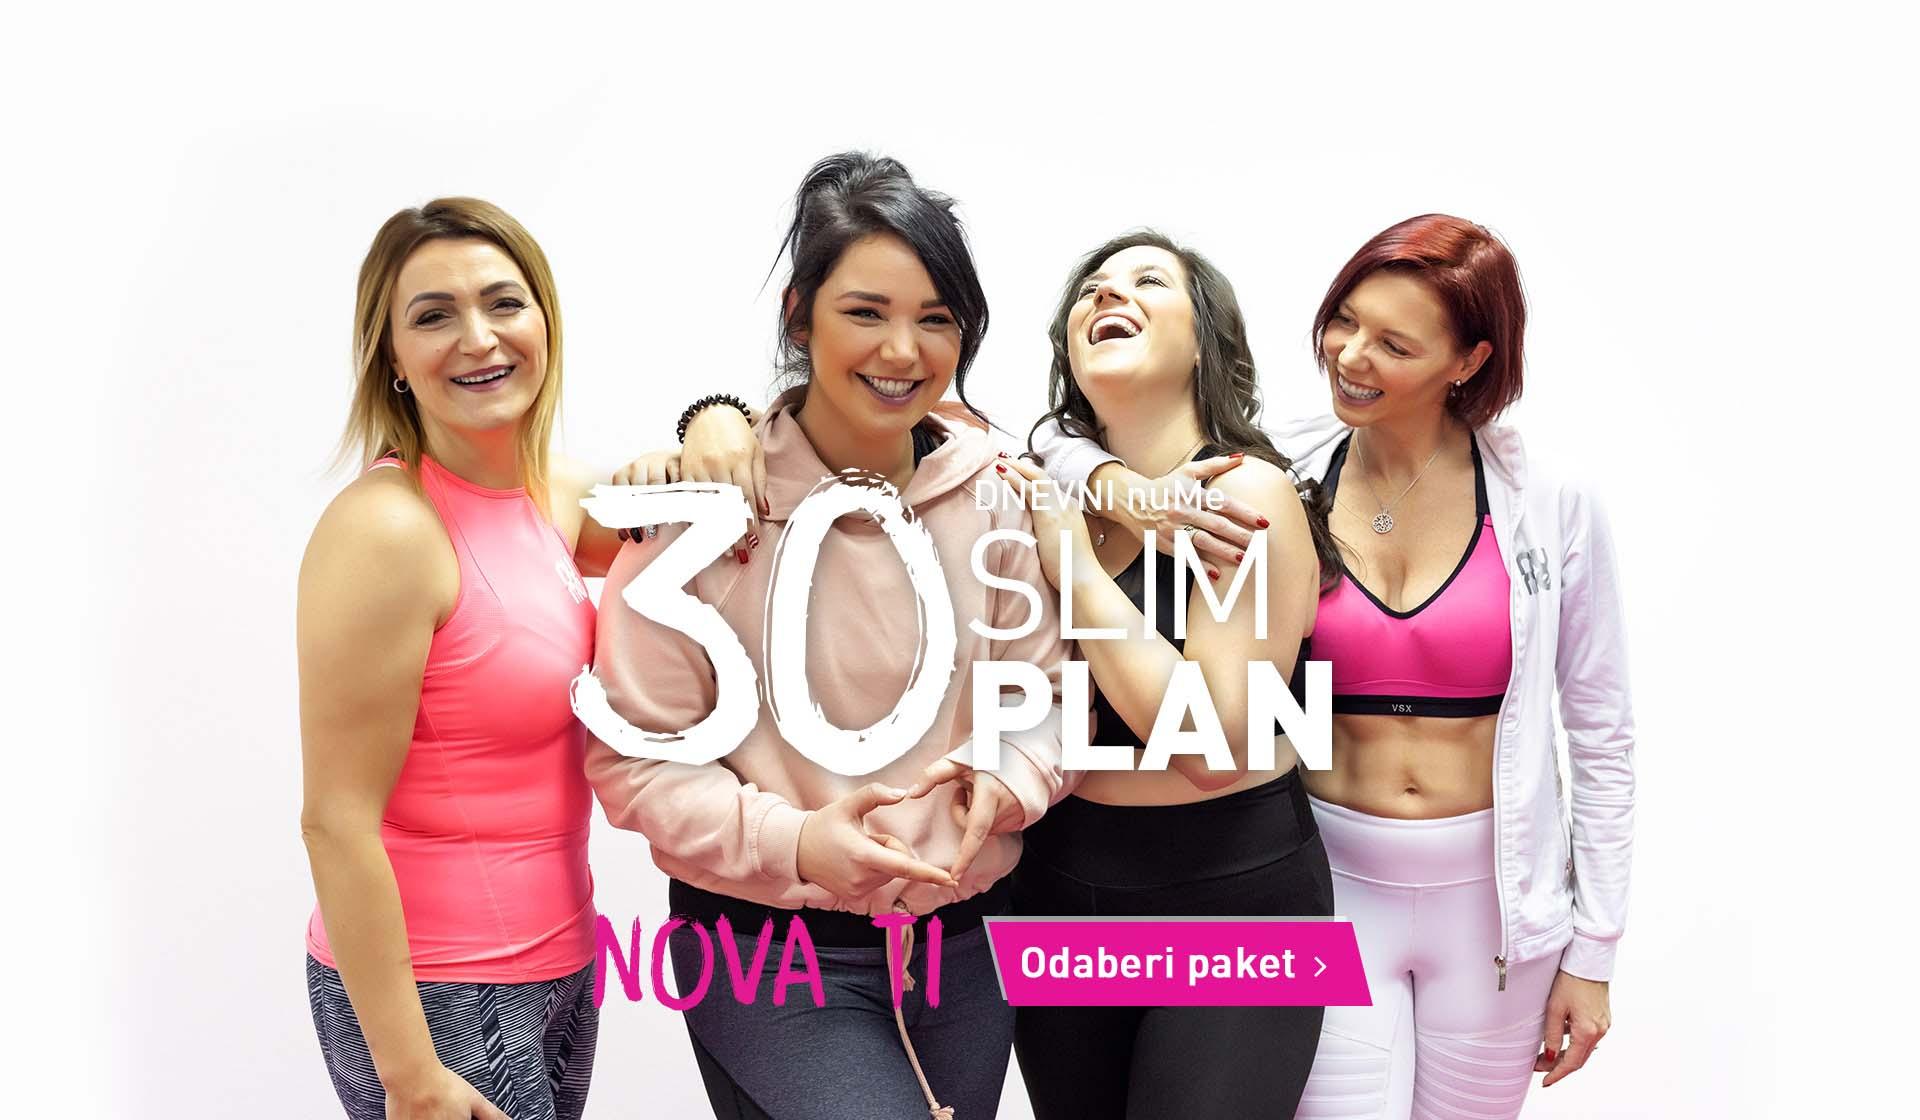 30-dnevni nuMe Slim Plan NOVA TI